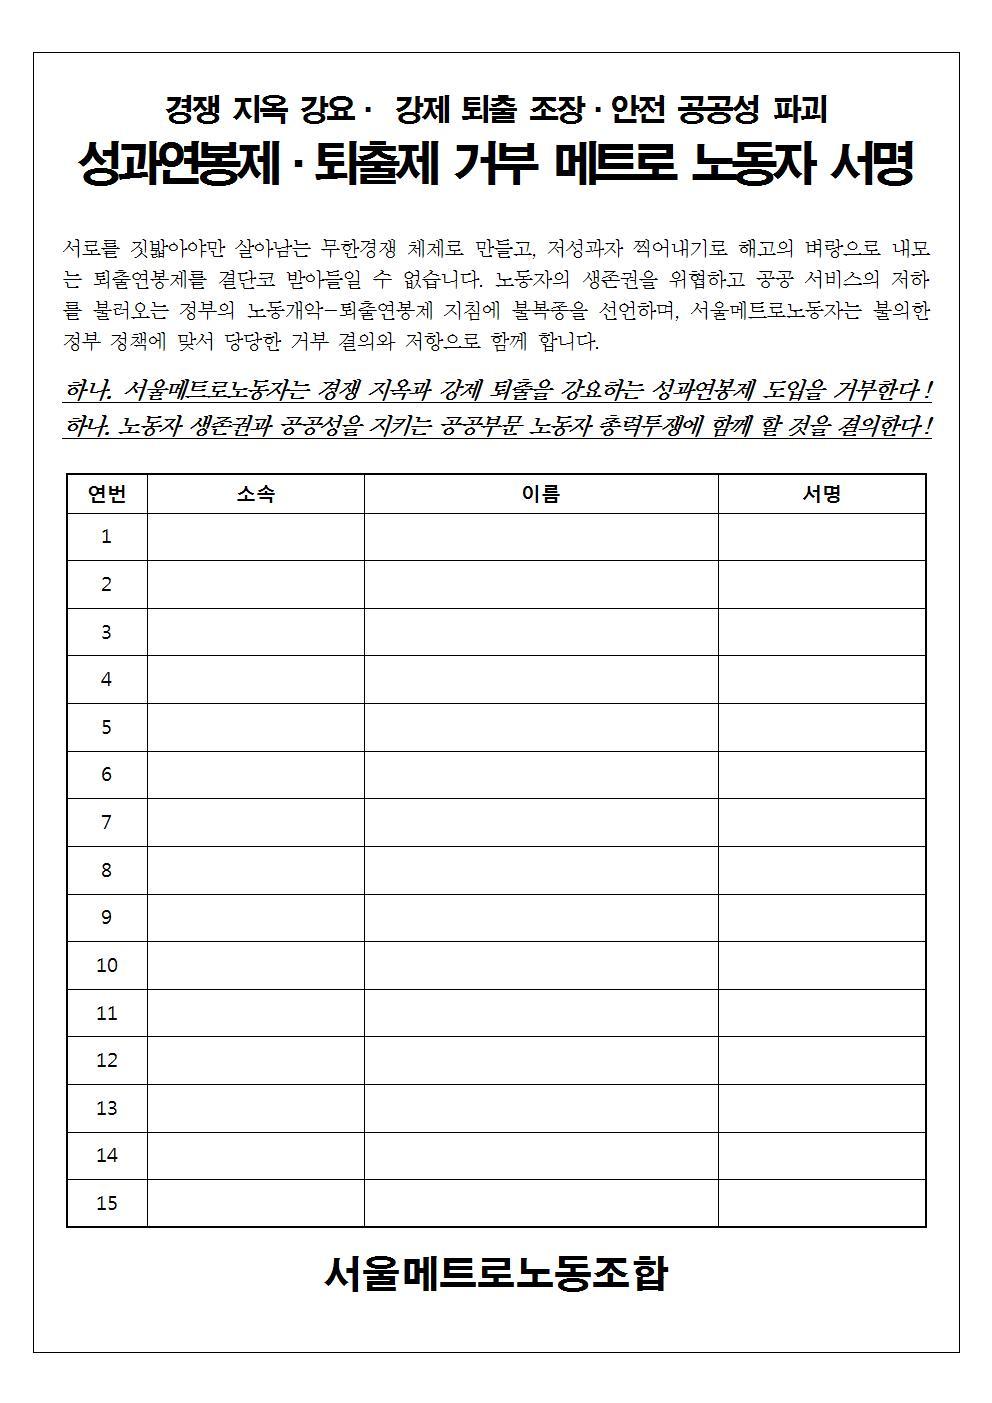 성과연봉제.퇴출제 거부 메트로 노동자 서명001.jpg